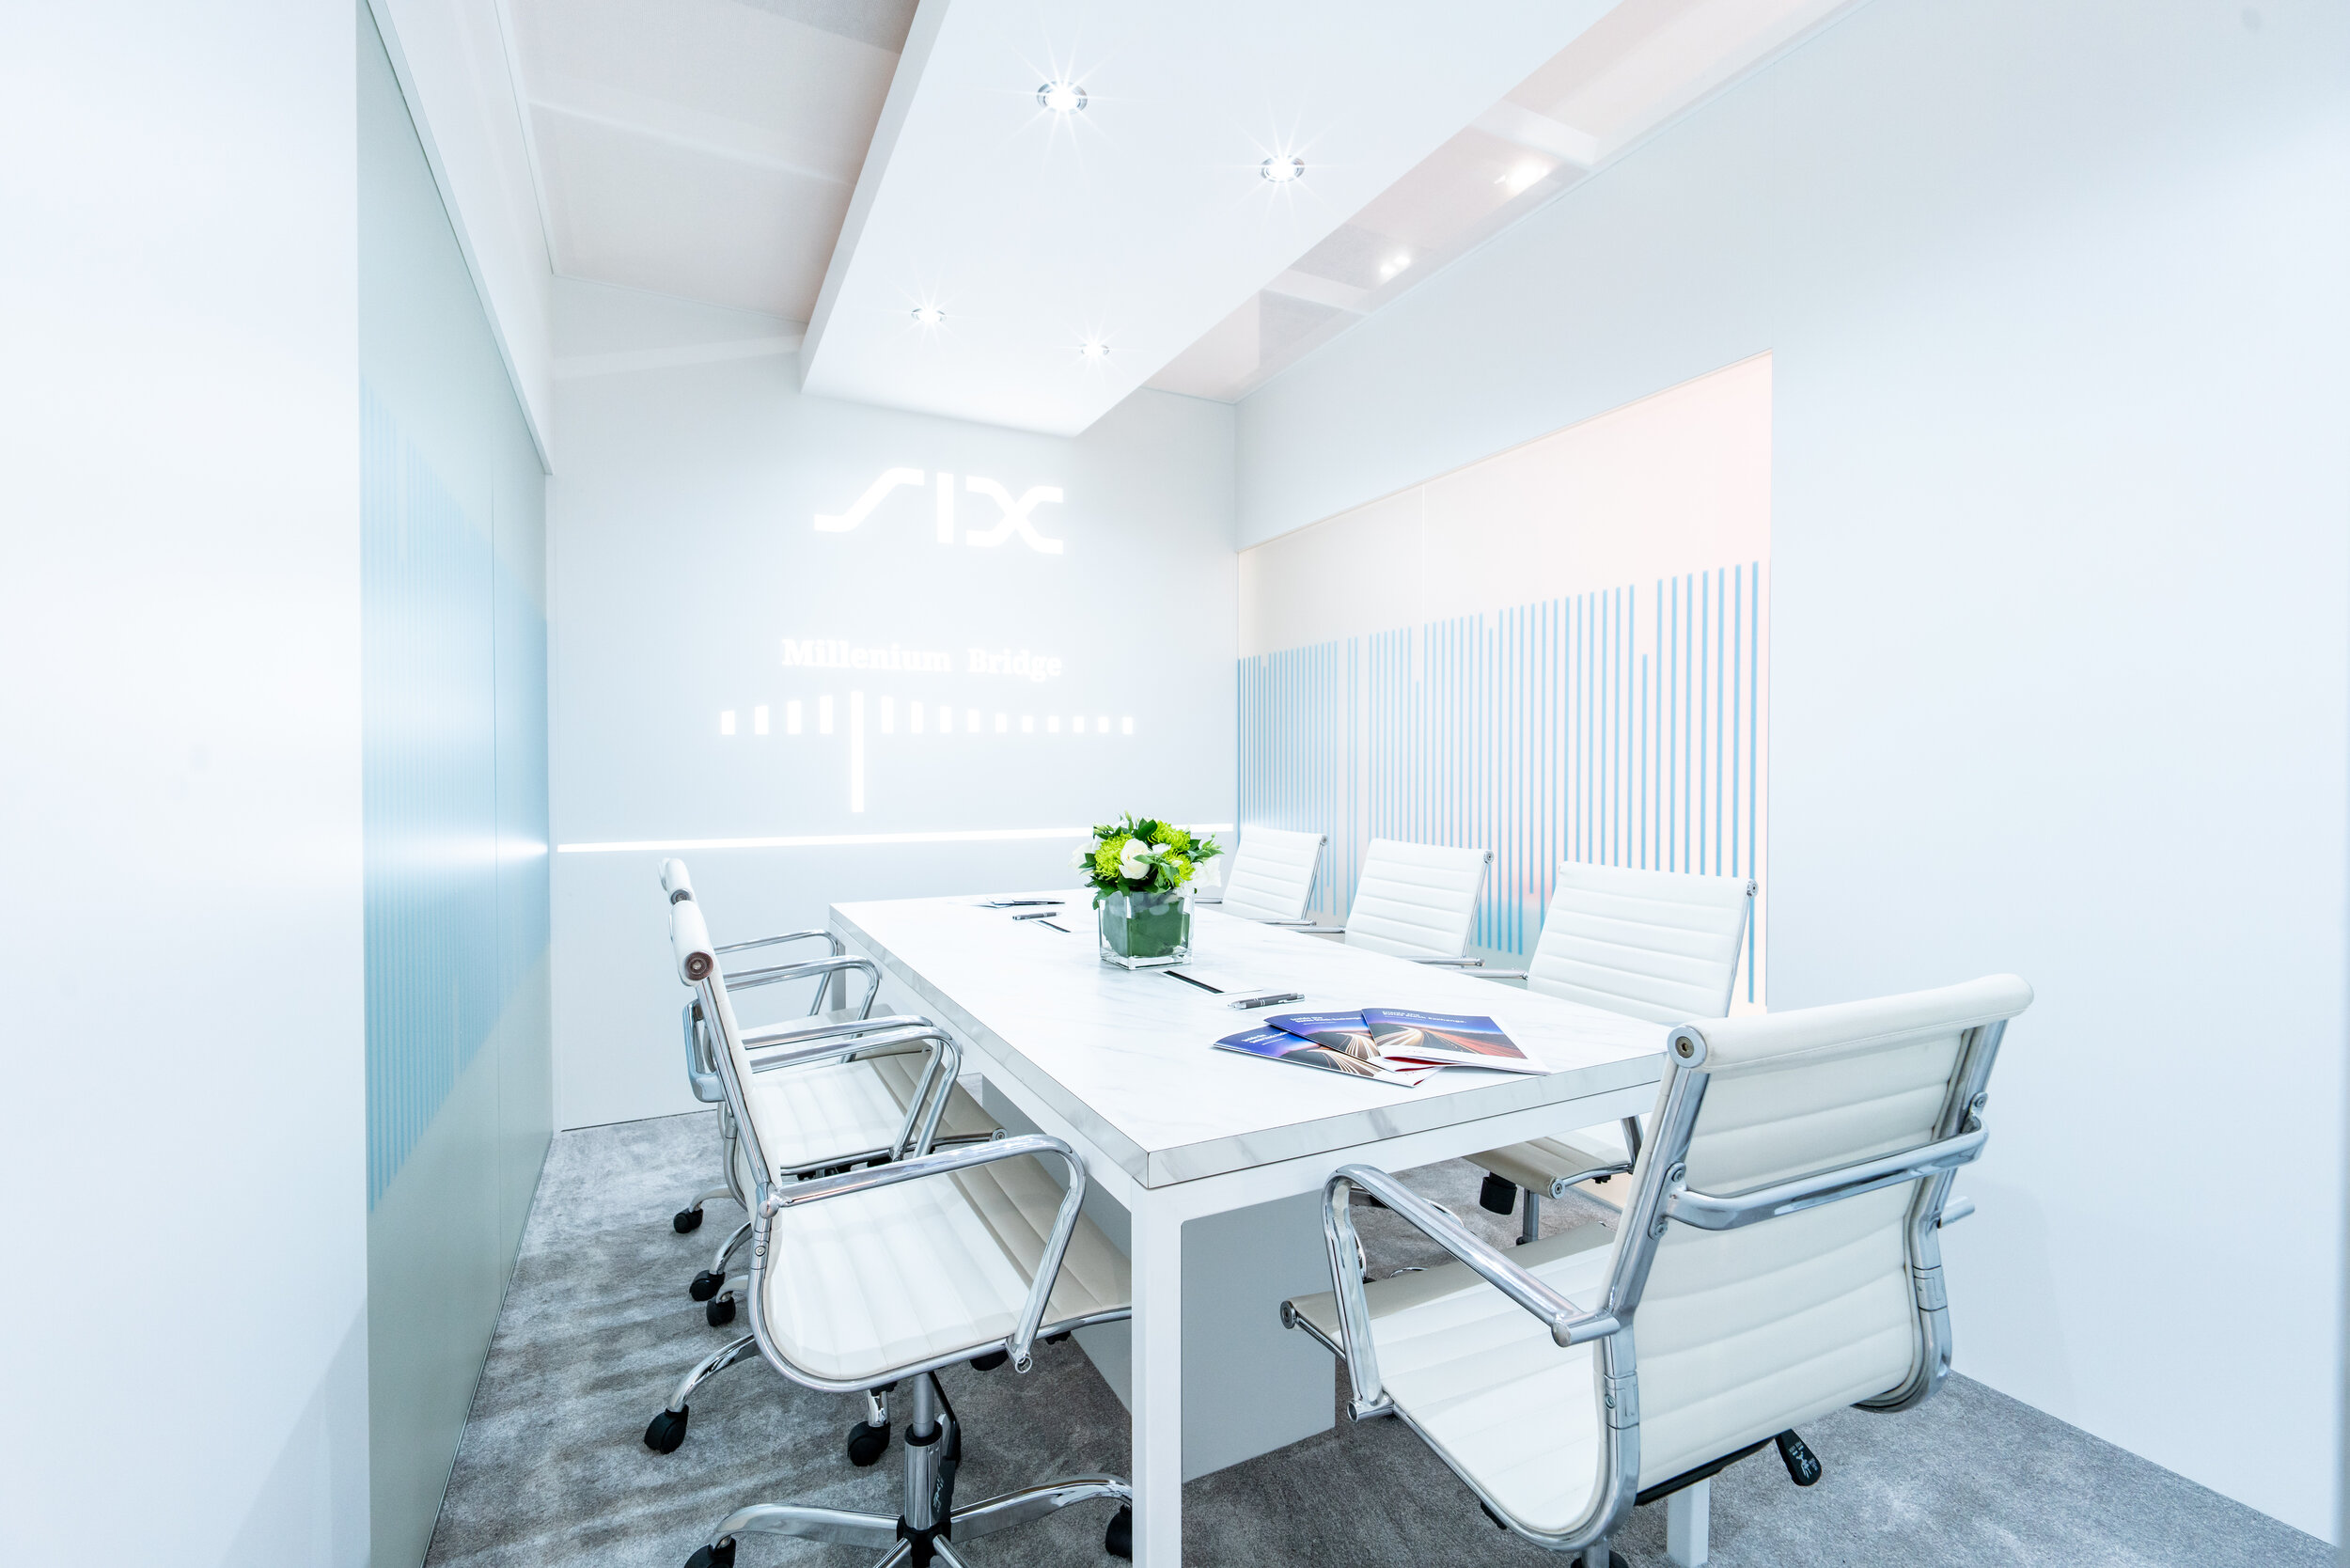 SIX at Sibos. Meeting Room.